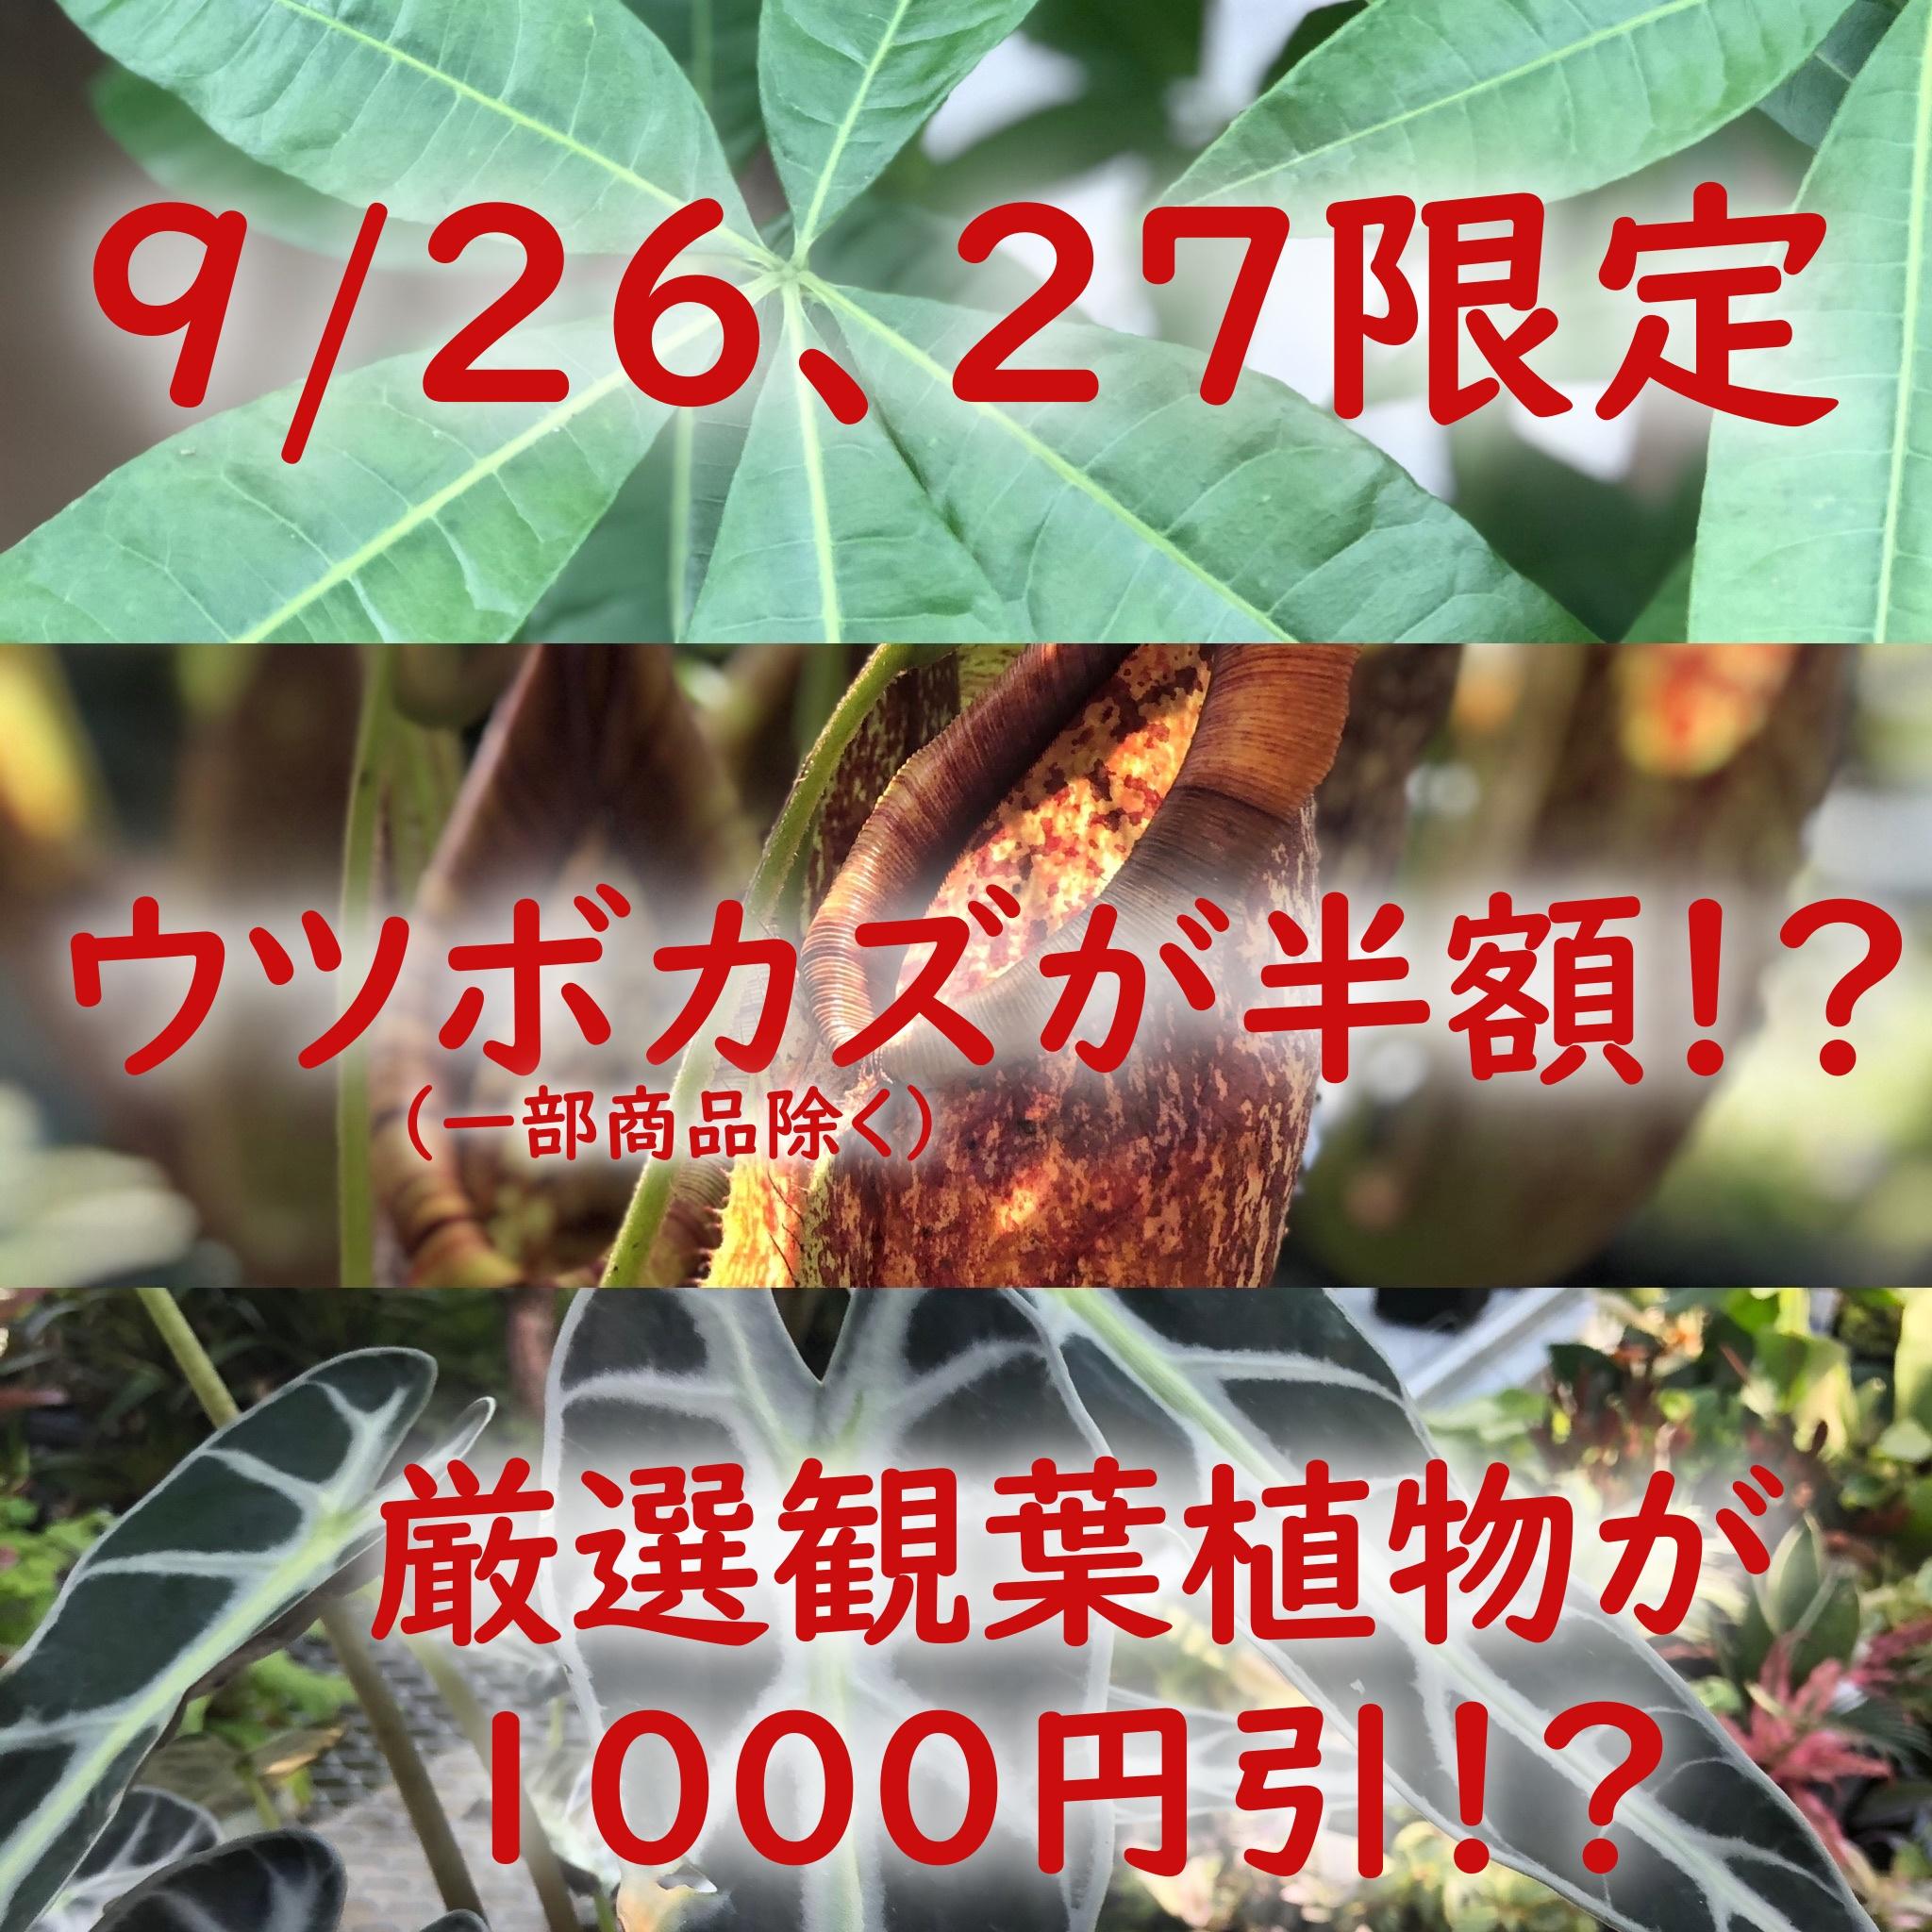 プランチュ実店舗初開催!? 半額!?1000円引き!?セール開催のお知らせ